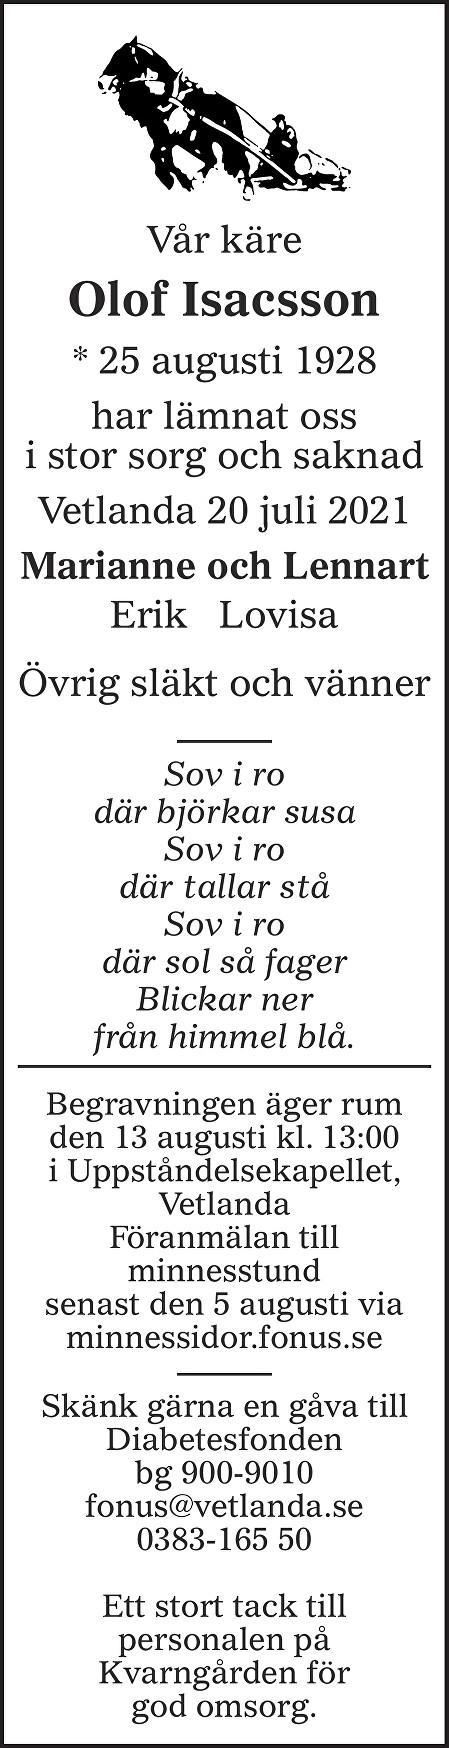 Olof Isacsson Death notice